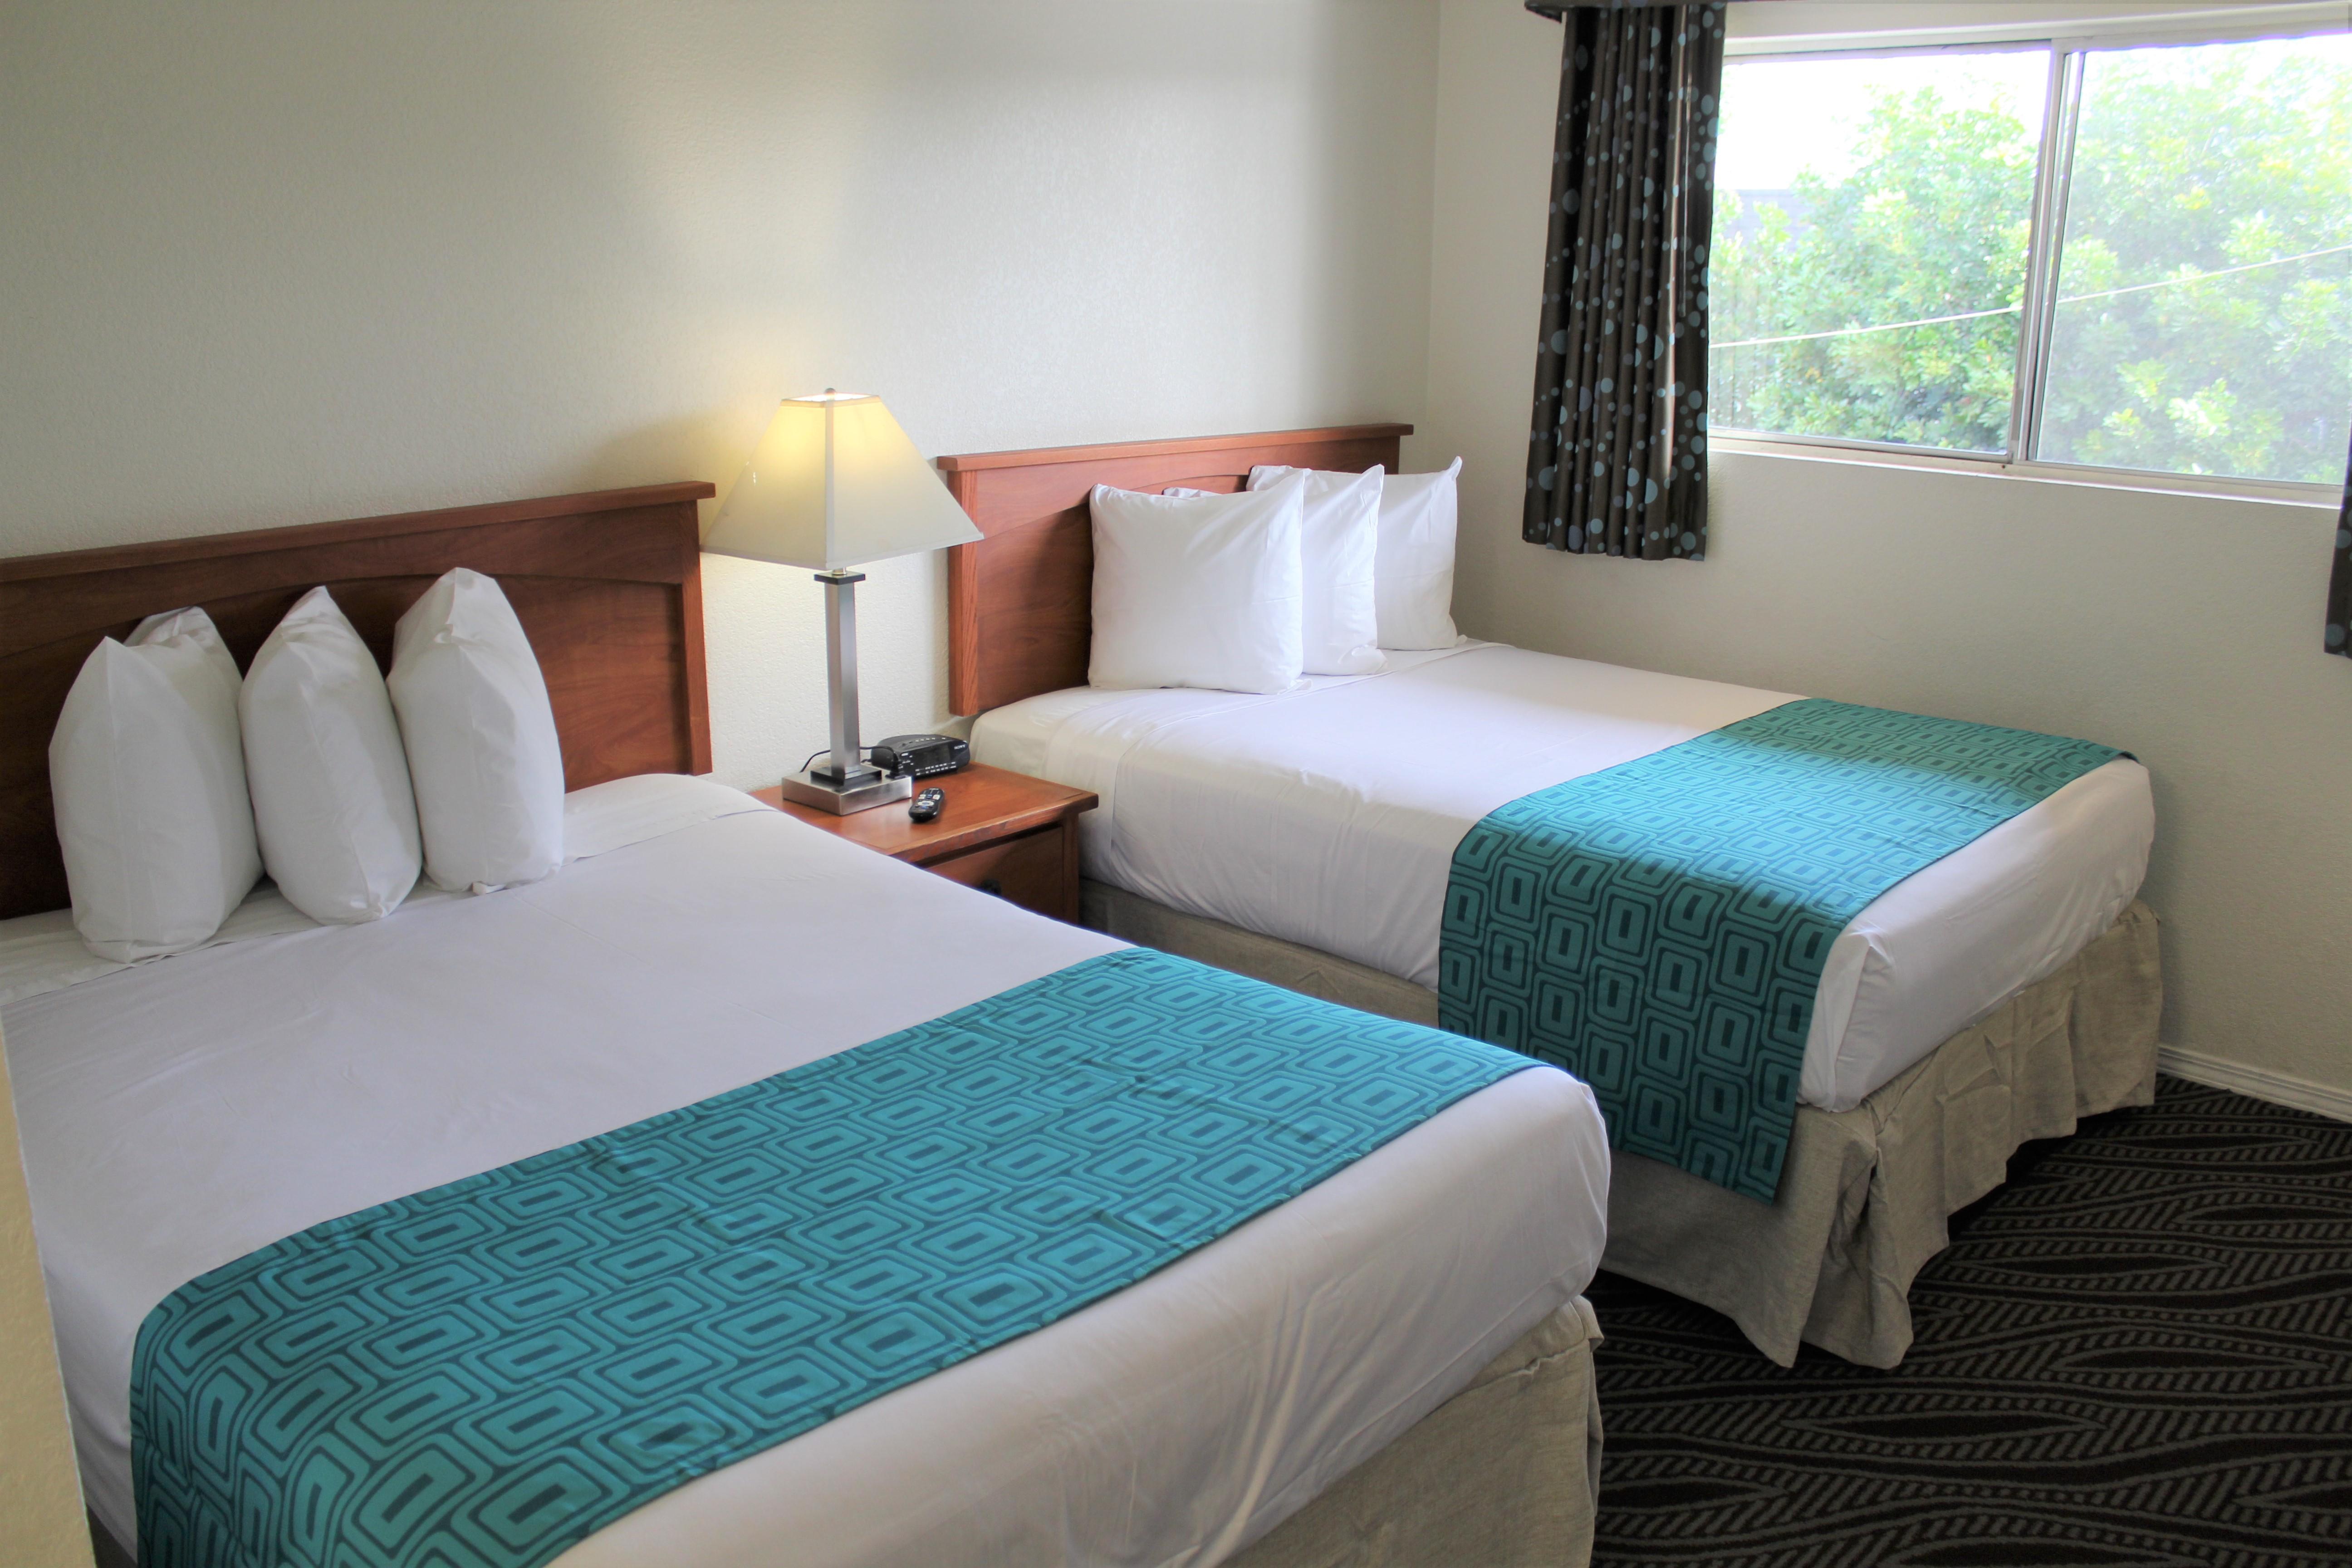 Wyndham Hotels in Orlando FL. Wyndham Hotels Orlando hotels are provided below. Search for cheap and discount Wyndham Hotels hotel rates in Orlando, FL .